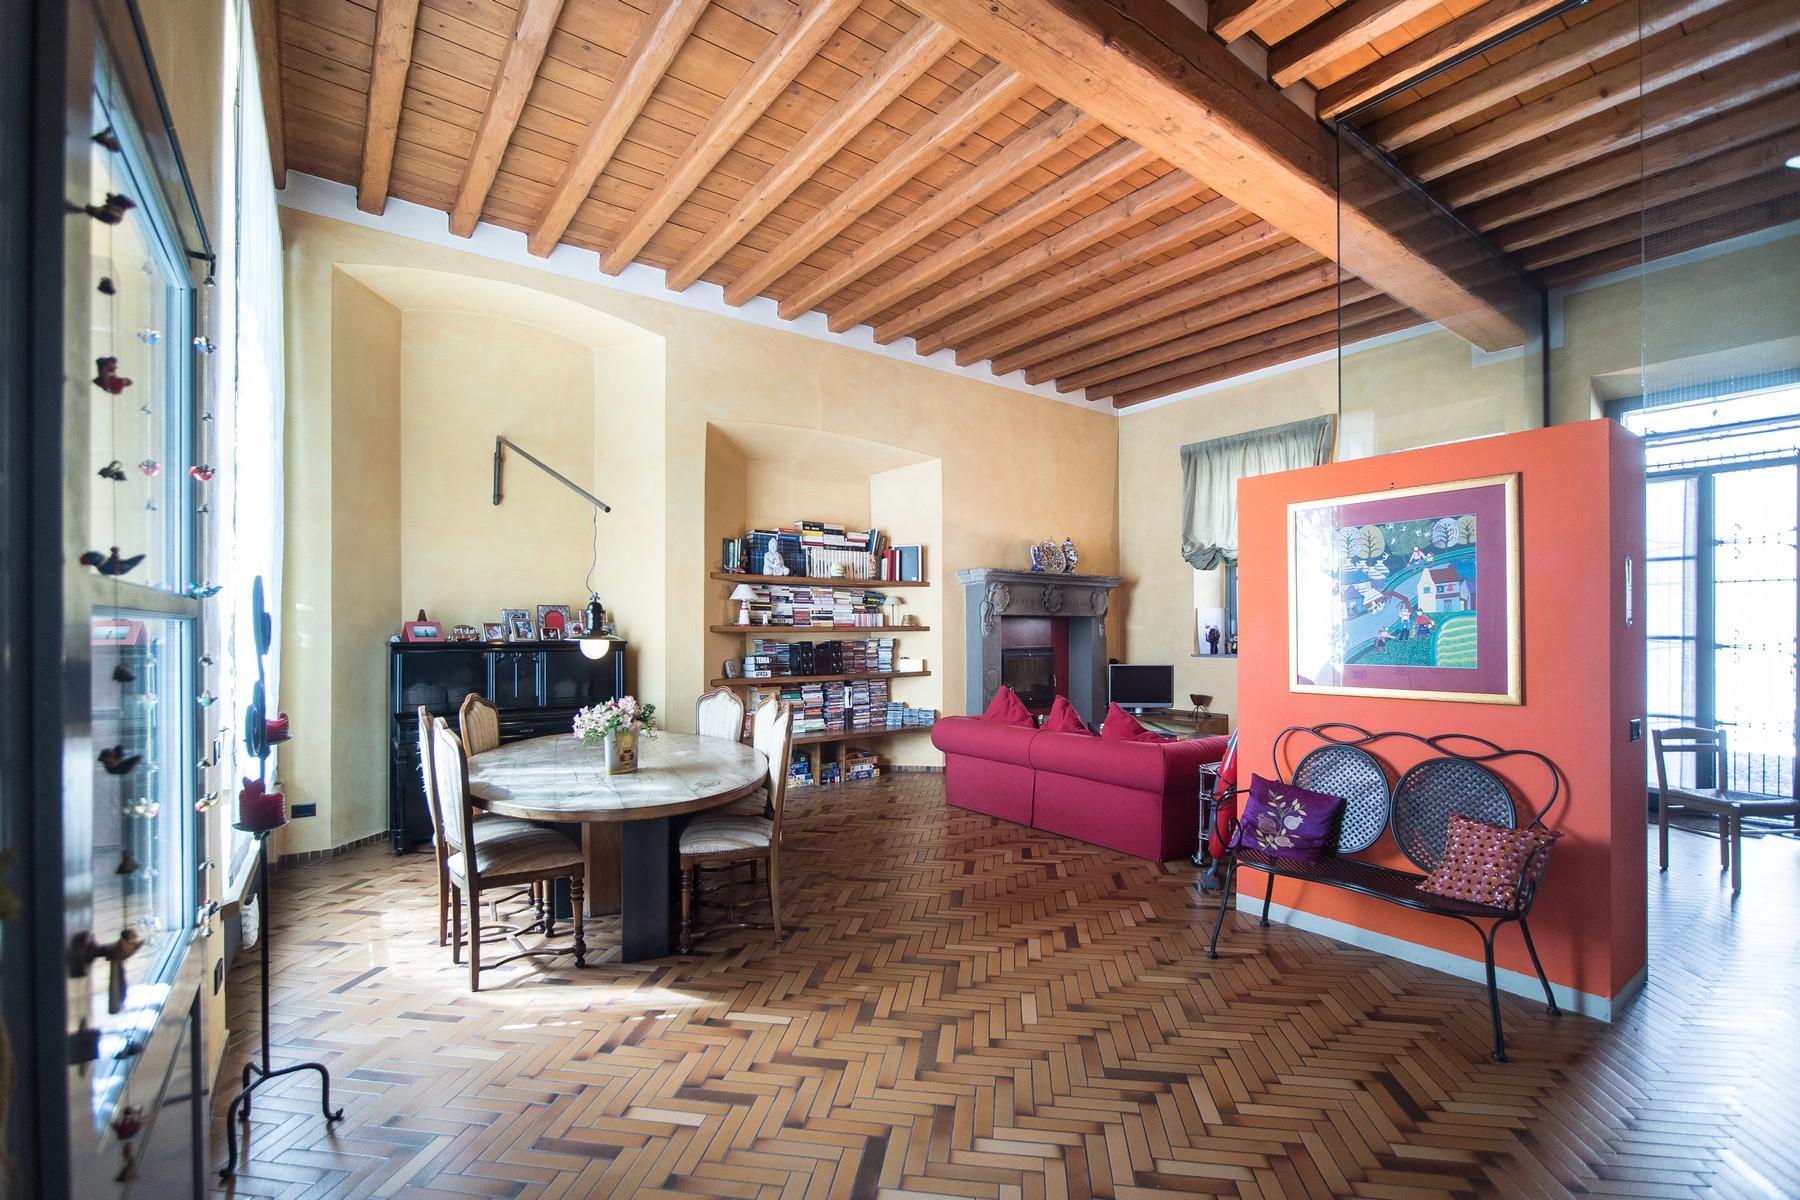 Single Family Home for Sale at Magnificent semi-detached house on two levels Via Vittorio Veneto Fino Mornasco, Como 22073 Italy